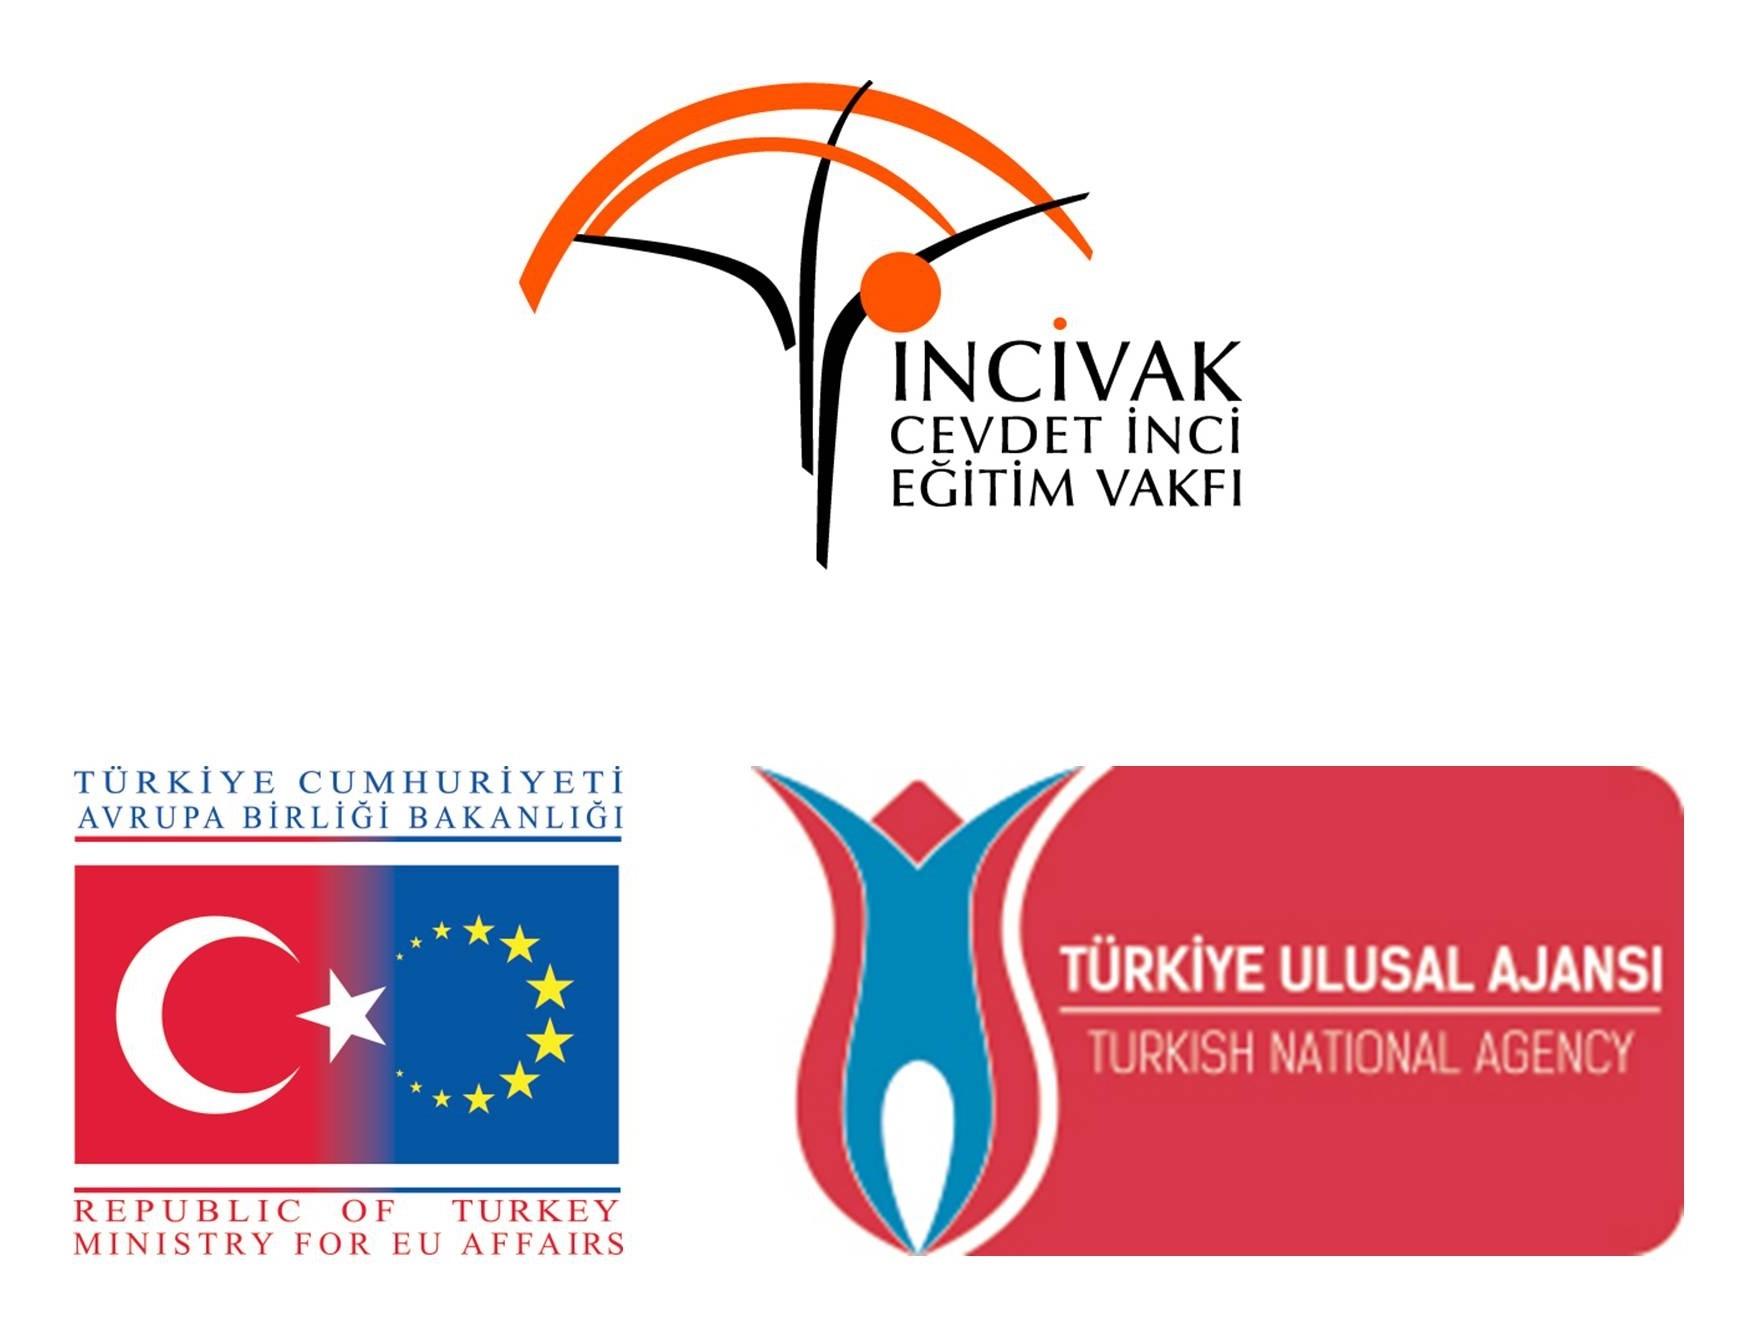 Cevdet İnci Eğitim Vakfı, İzmir'in AB'ye Akredite İlk Vakfı Oldu